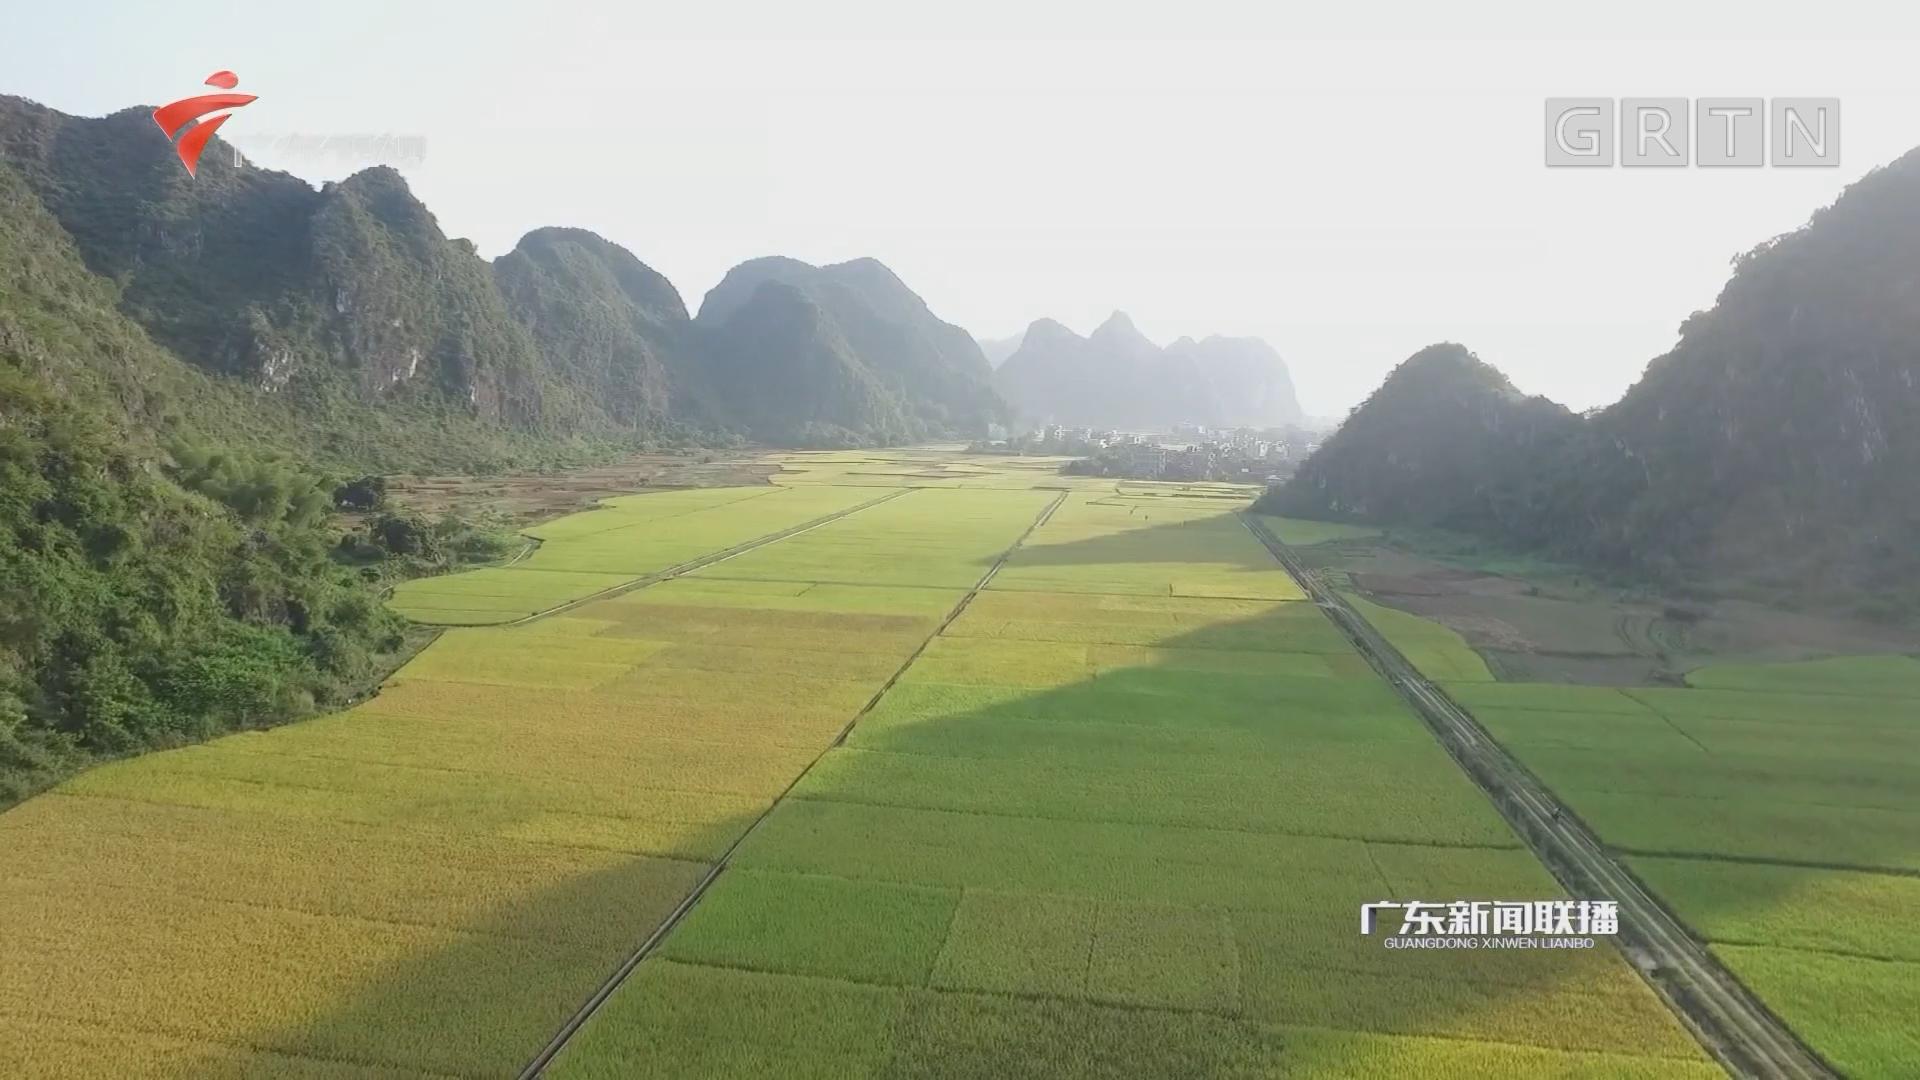 广东:推进农业供给侧结构性改革 农民增收8.2%